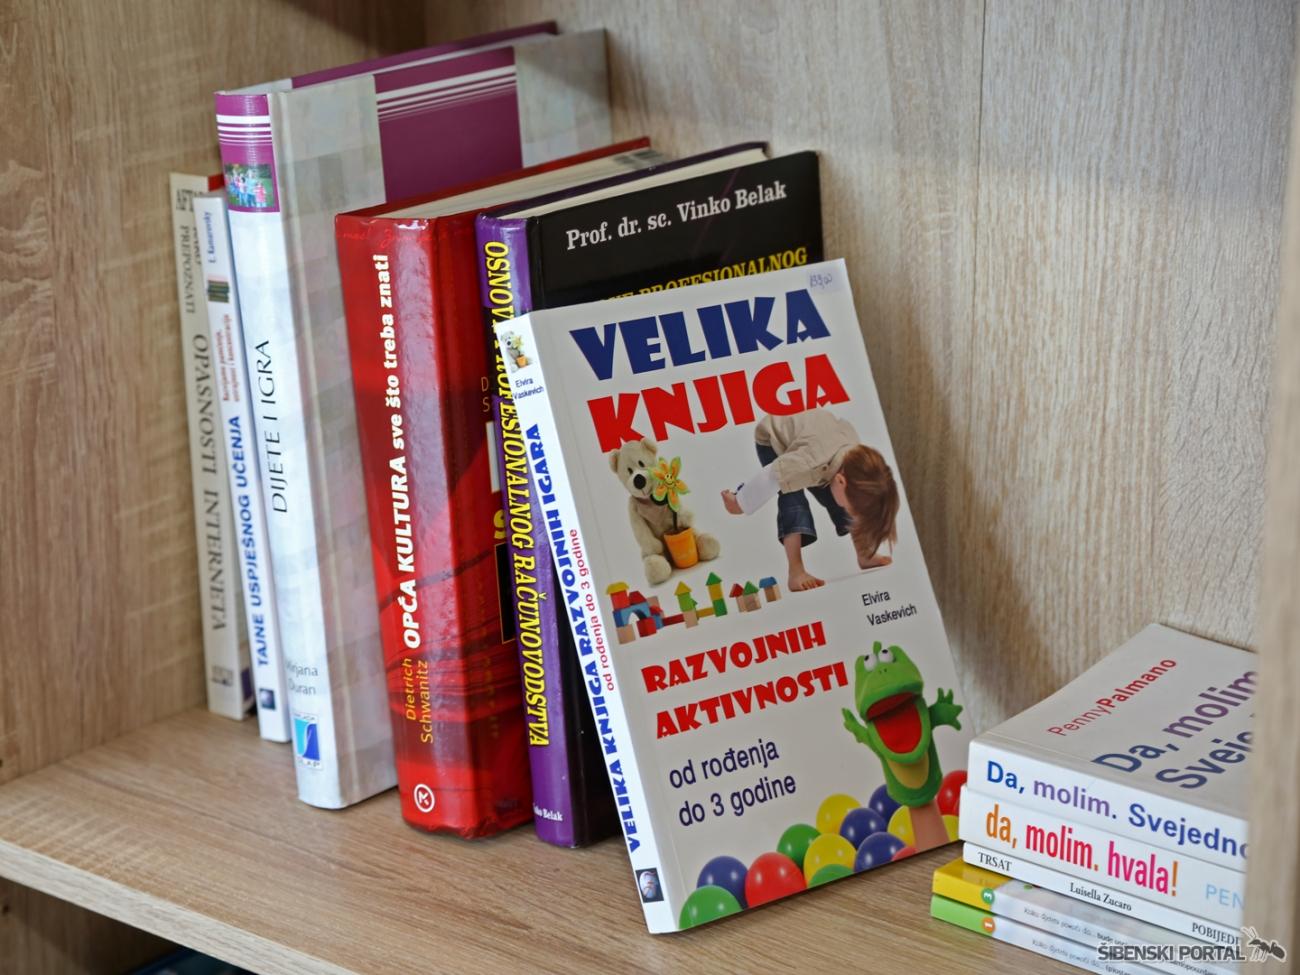 book caffe legen vidici 070917 2